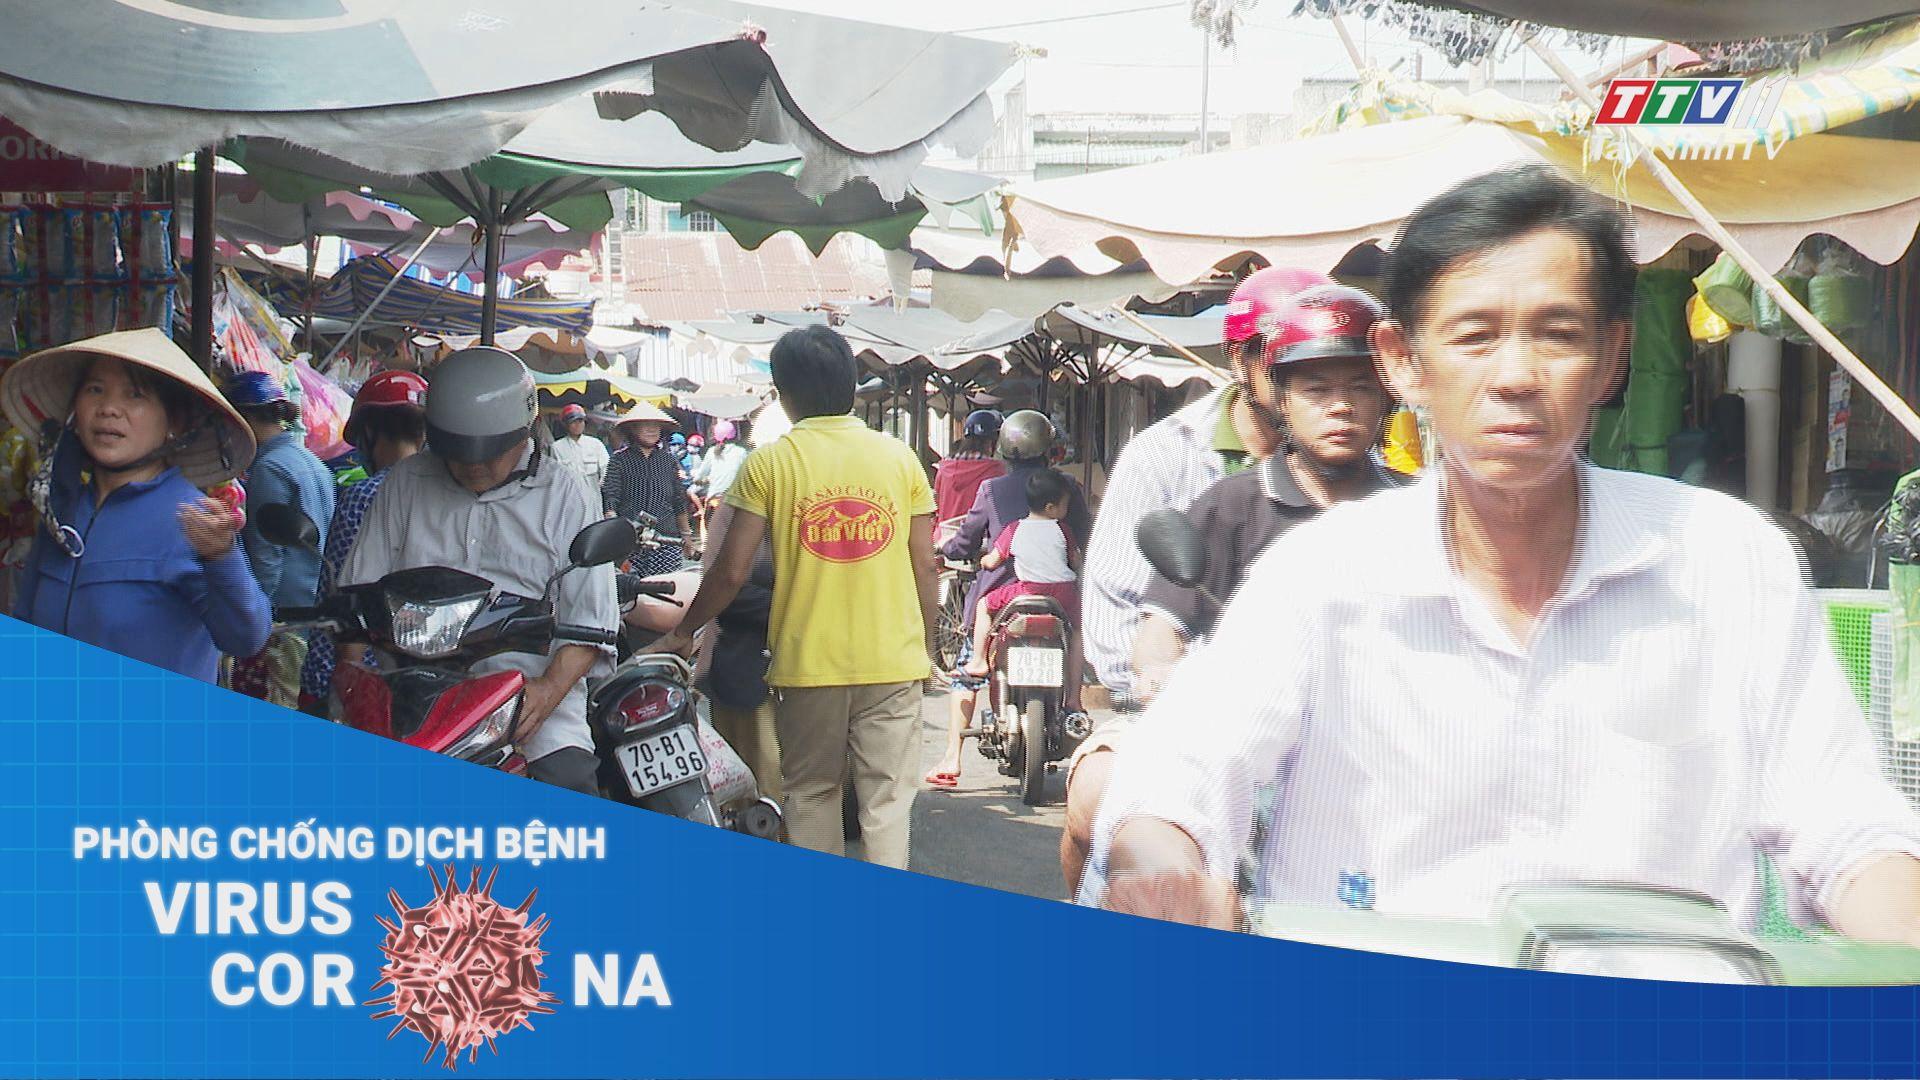 Phòng ngừa Covid-19: Chỗ quyết liệt - người thờ ơ | THÔNG TIN DỊCH CÚM COVID-19 | TayNinhTV